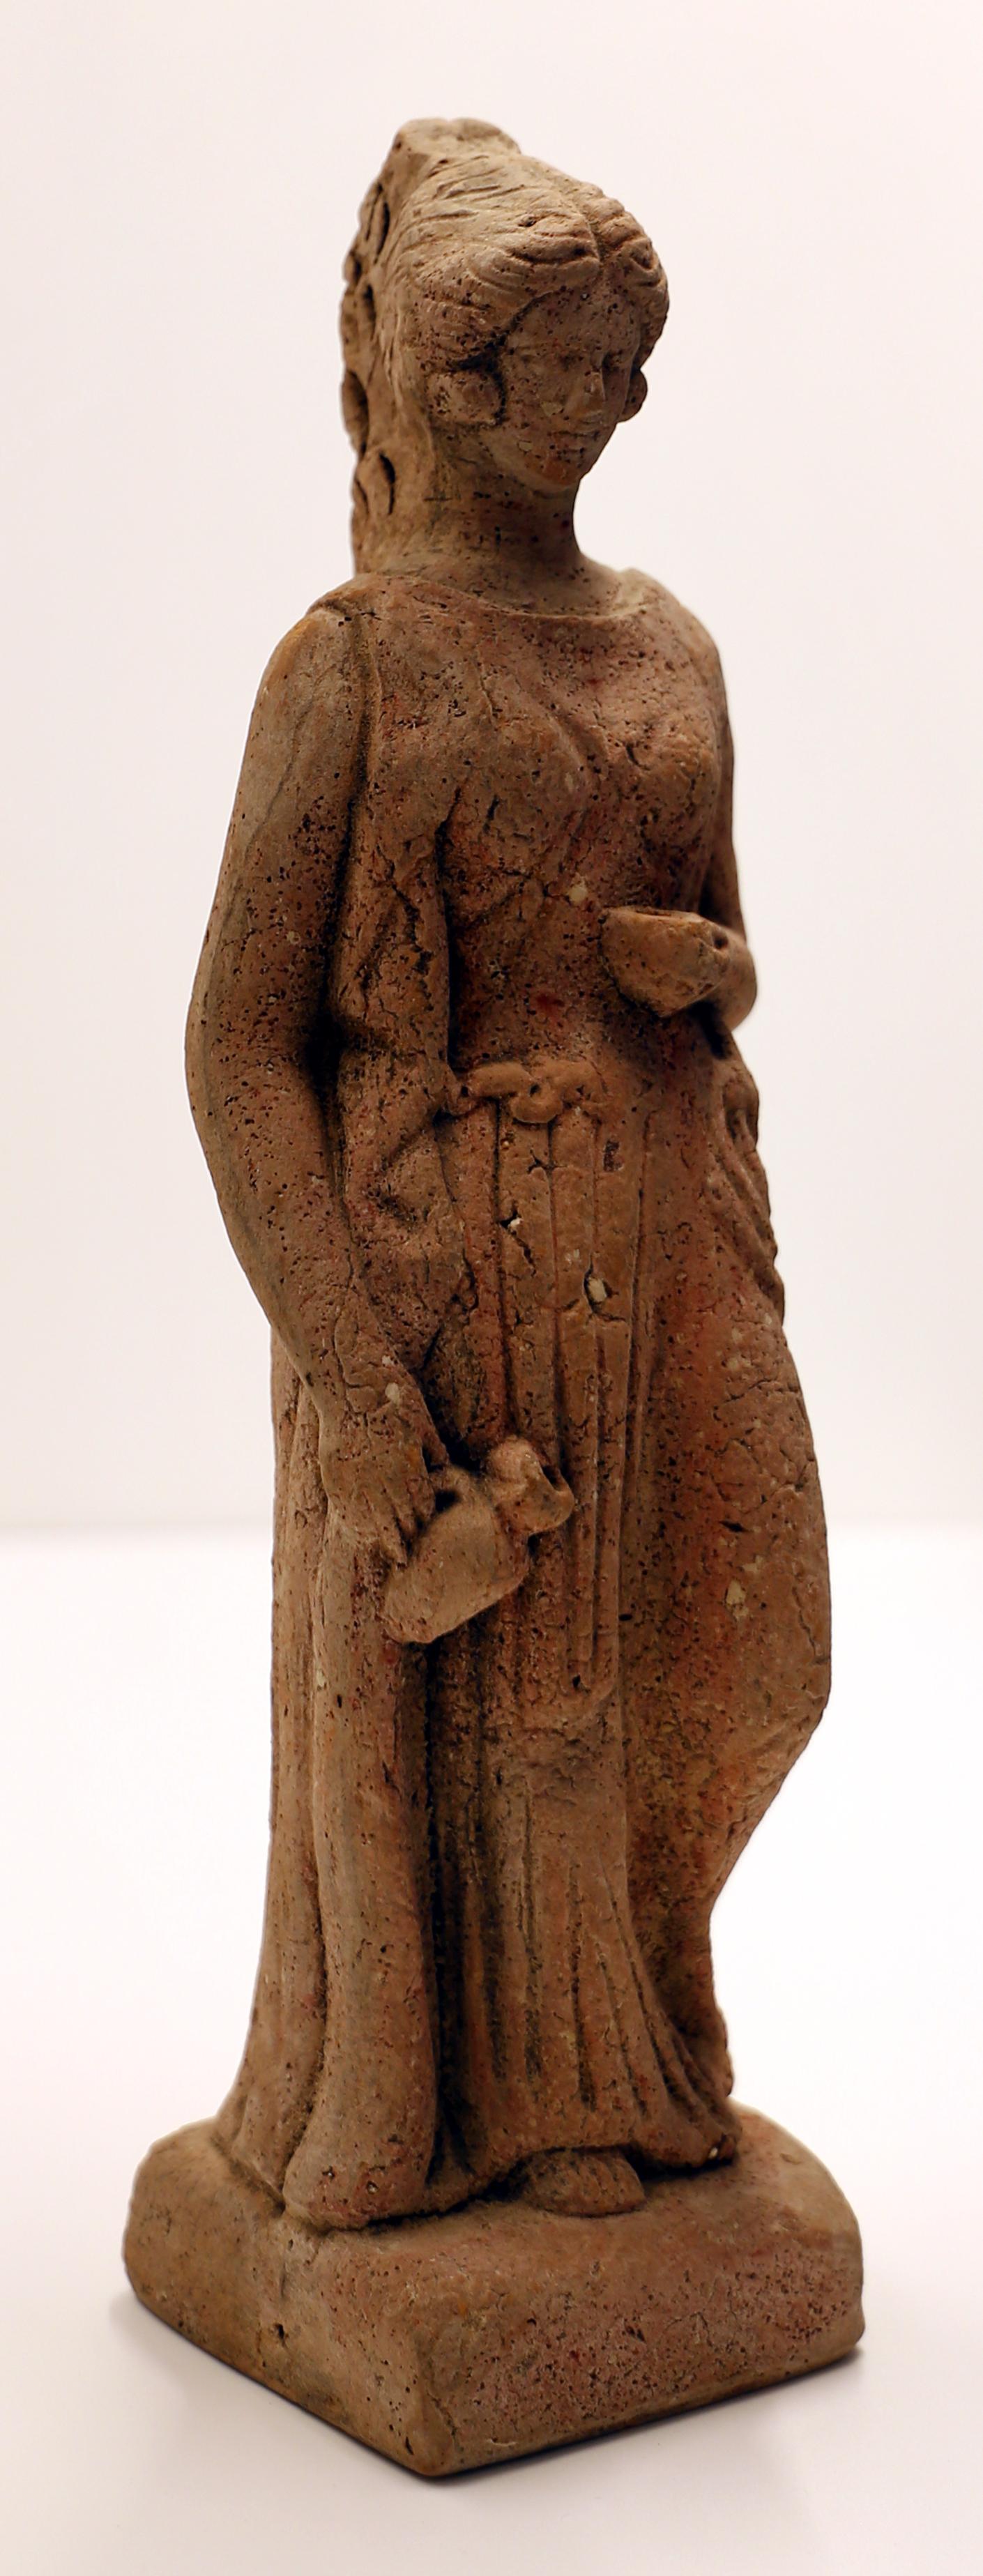 File:Epoca greca o romana repubblicana, statuetta votiva ...